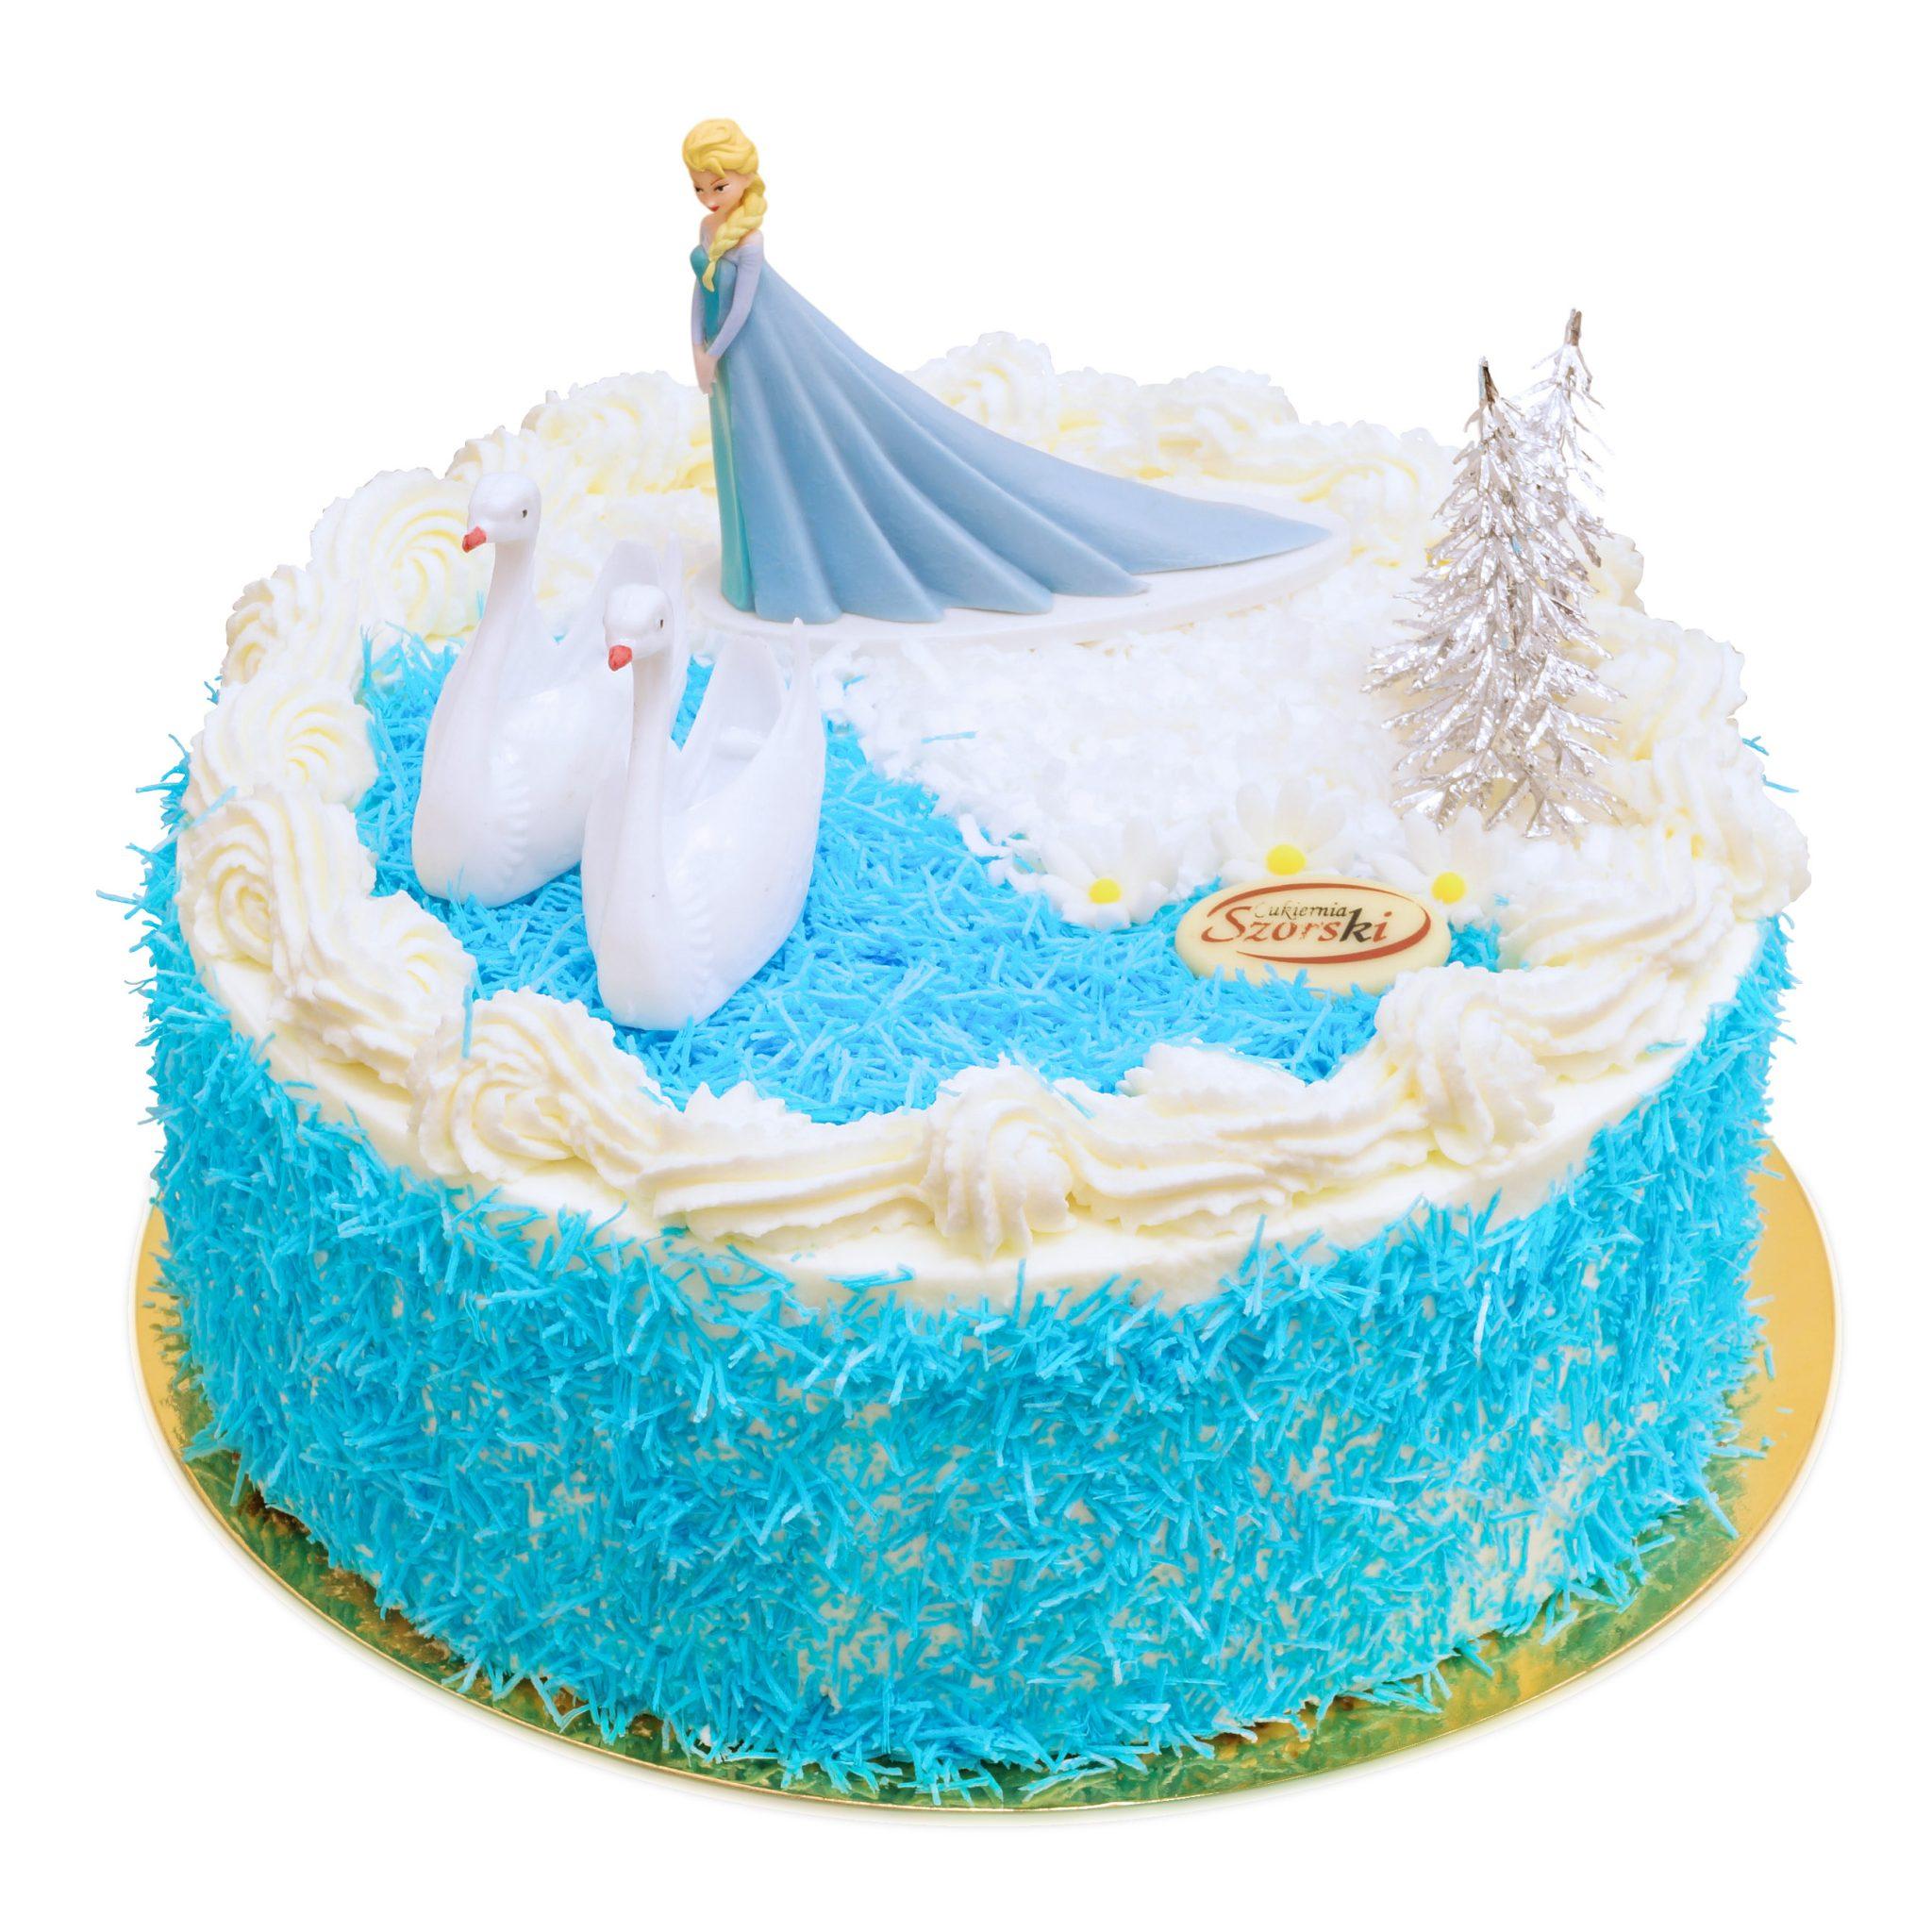 Tort z figurką Elsy z Krainy Lodu i łabędziami